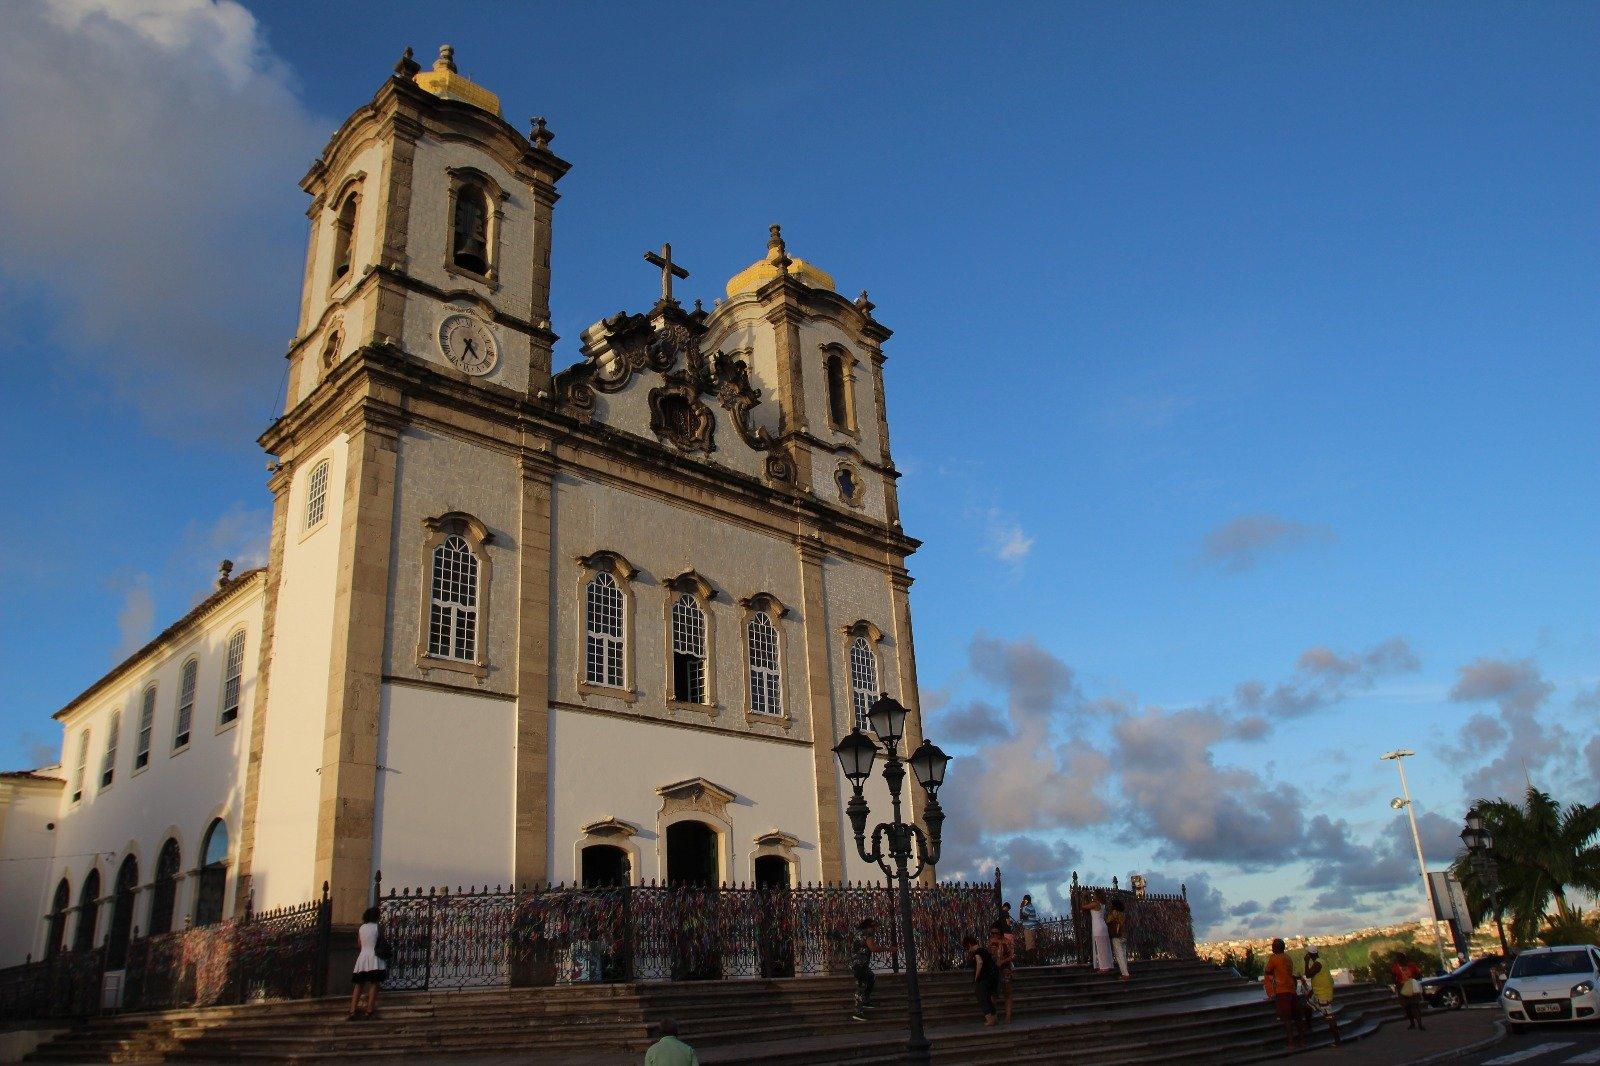 Ato contra a violência terá mais de 500 cruzes na Praça do Bonfim